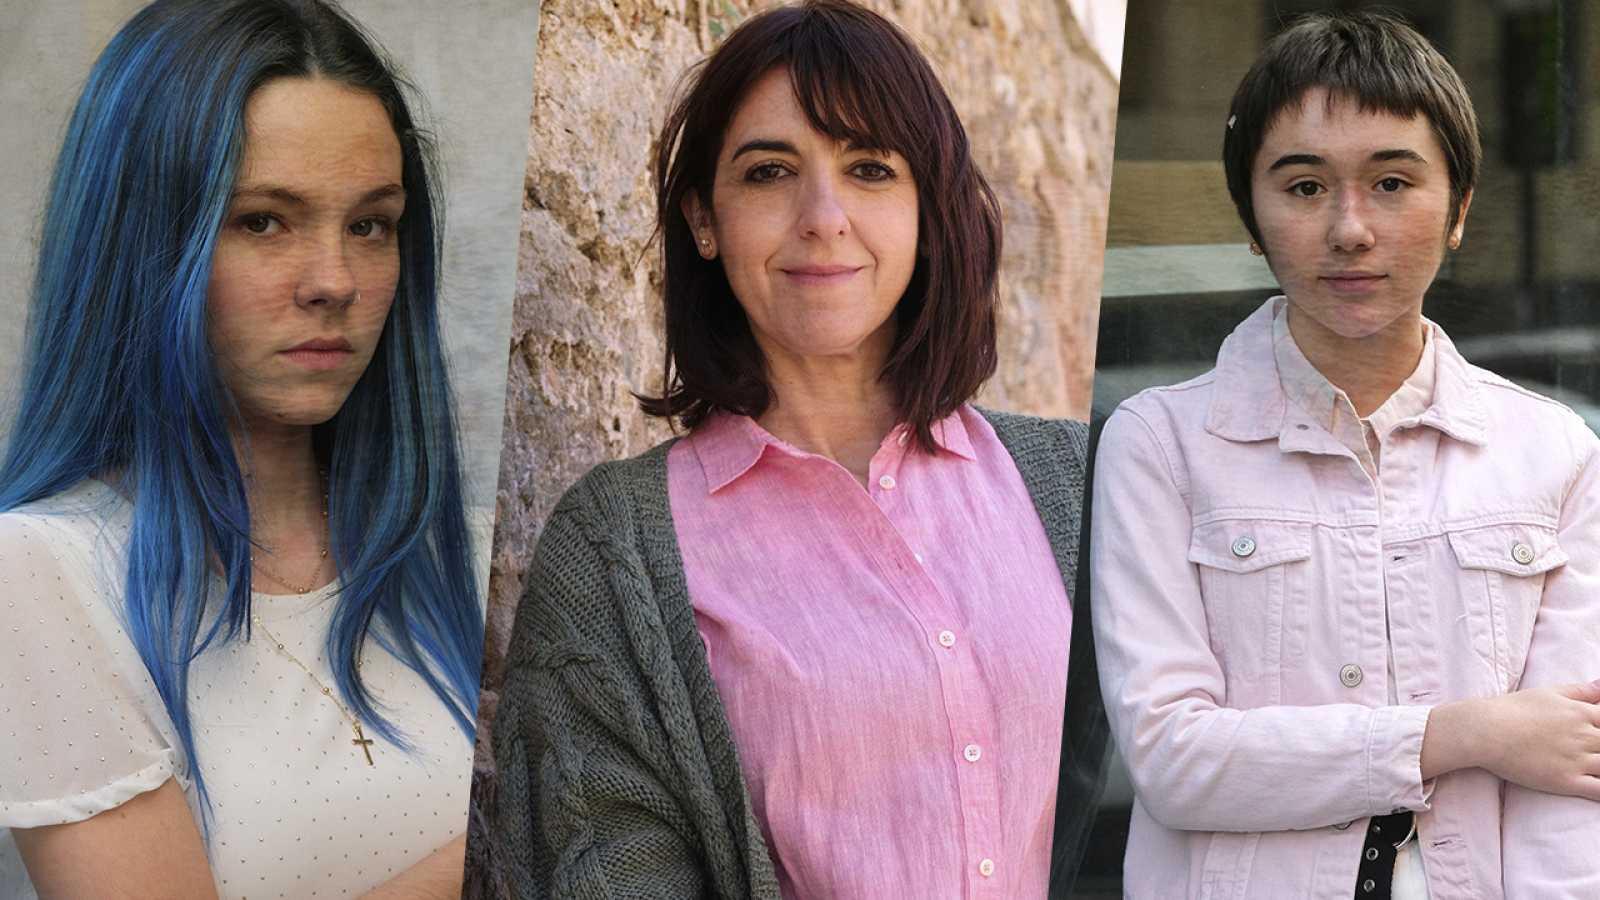 La caza. Tramuntana - Entrevista a Llum Barrera, María Mercado y Zoe Stein